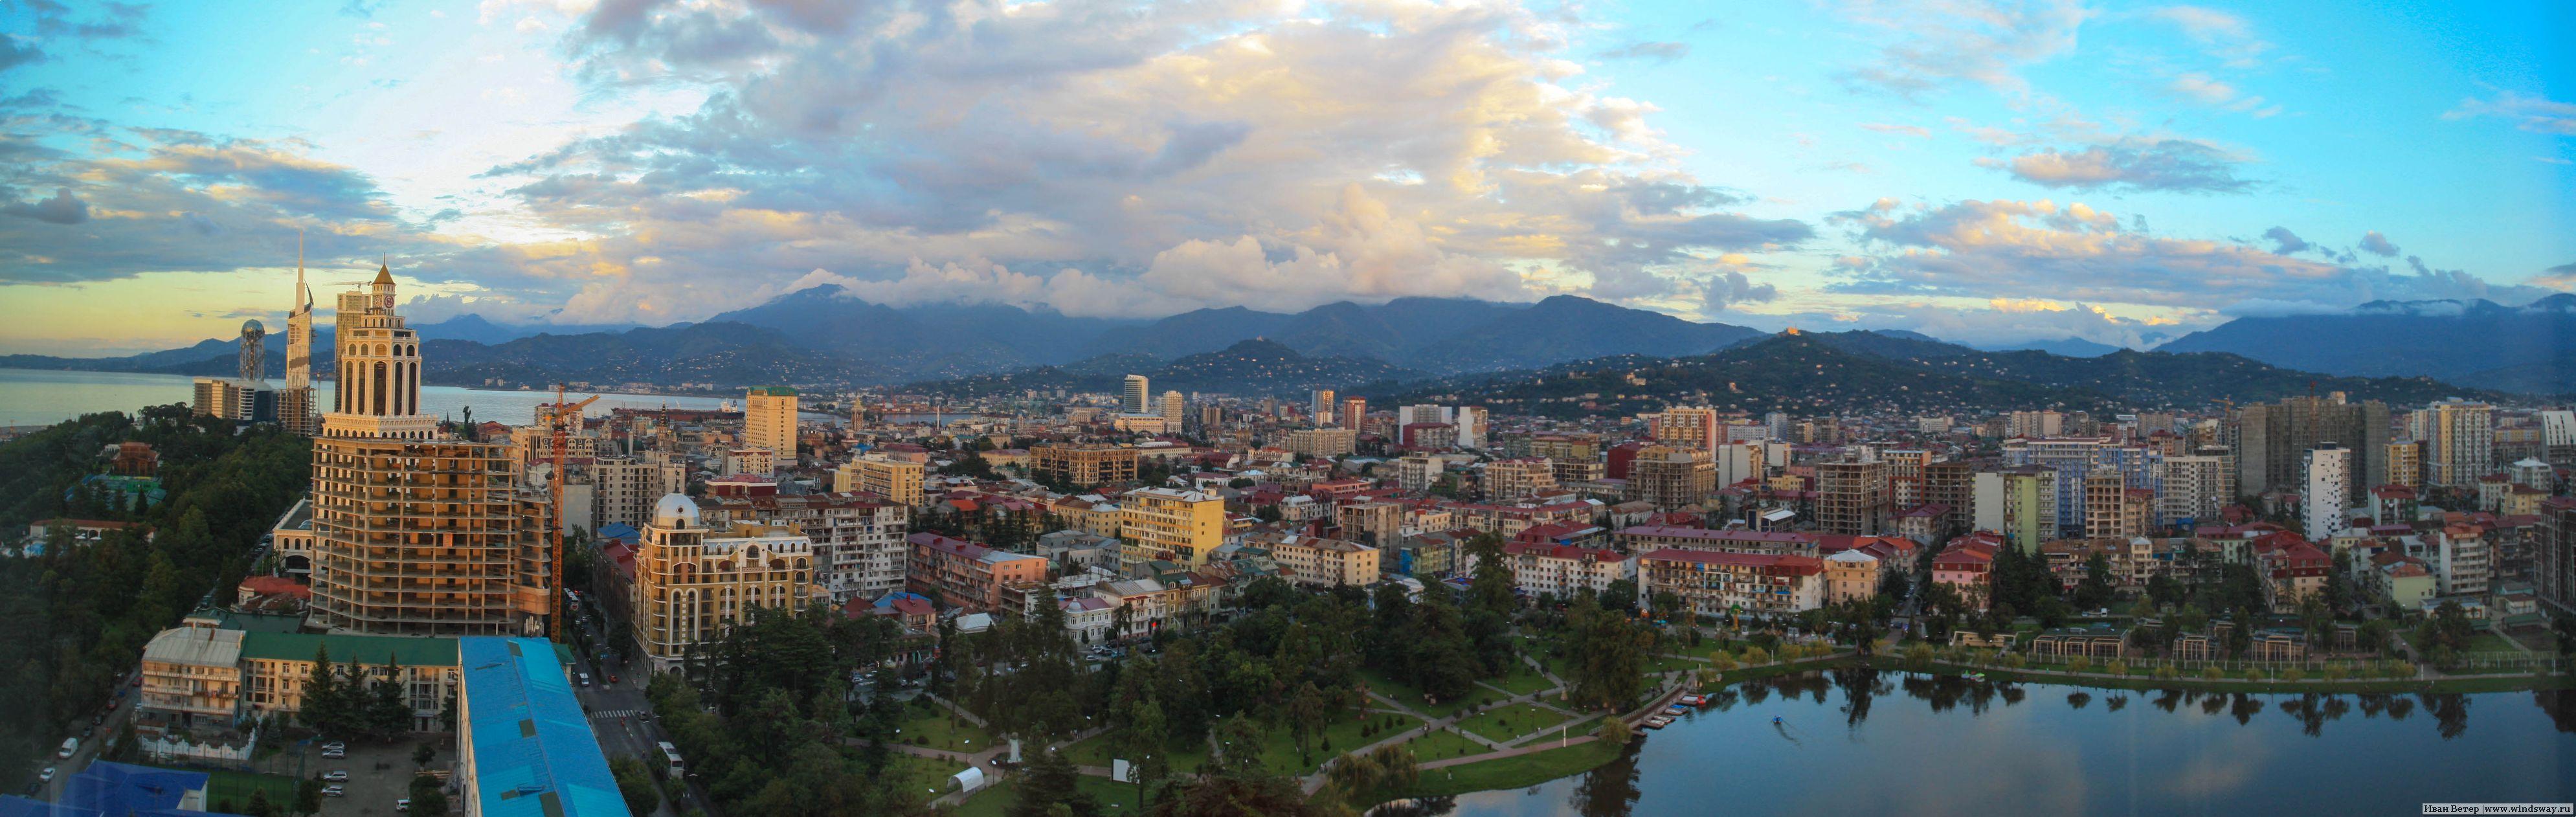 Панорама Батуми: море, город и горы.